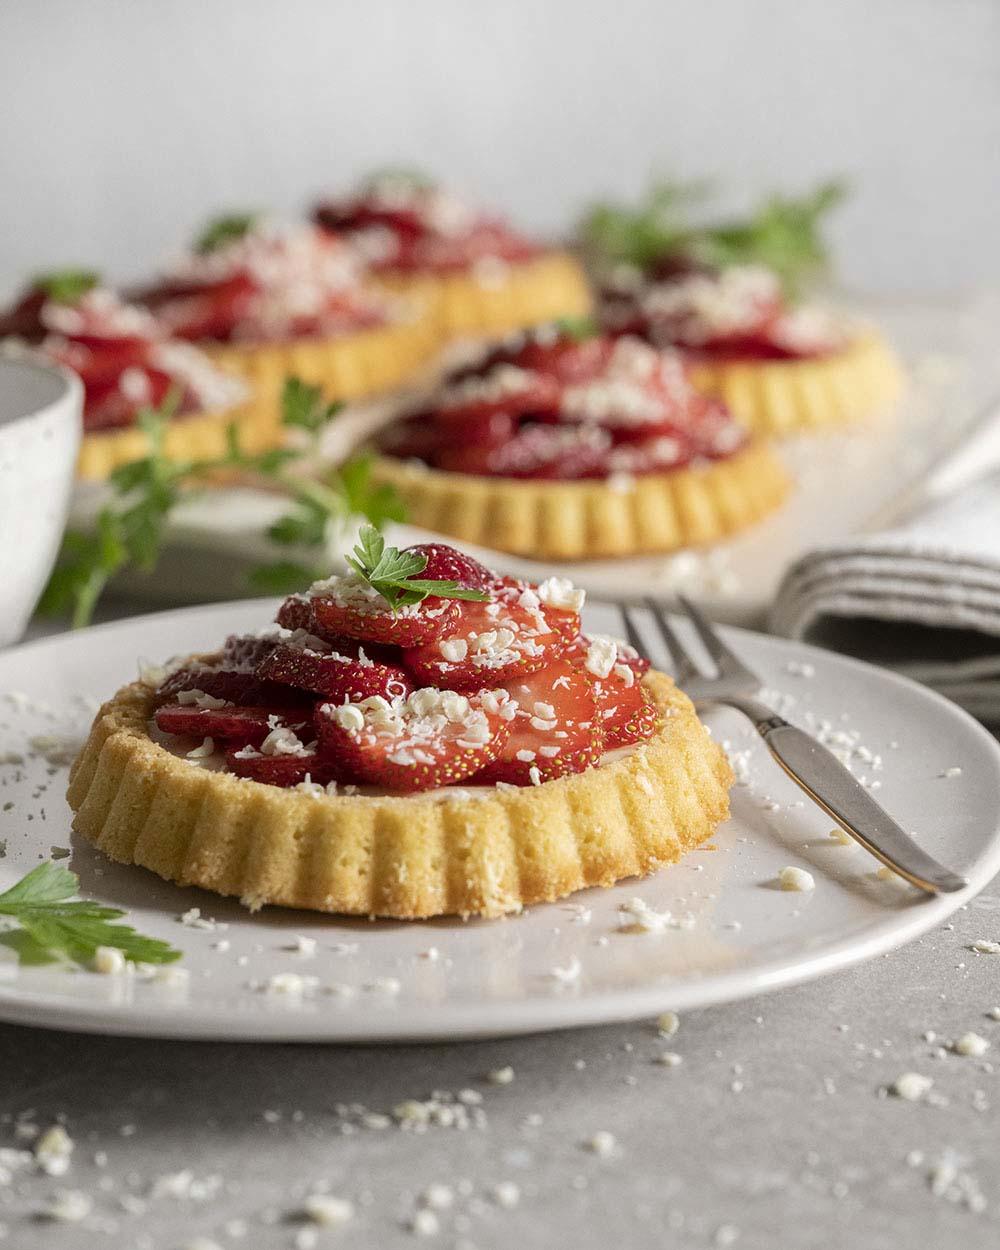 Nahaufnahme eines Erdbeer-Tartelettes, das wir auf einem Teller angerichtet haben. Gleich wollen ir es anschneiden und zeigen, wie die Struktur des Gebäcks im Anschnitt aussieht.